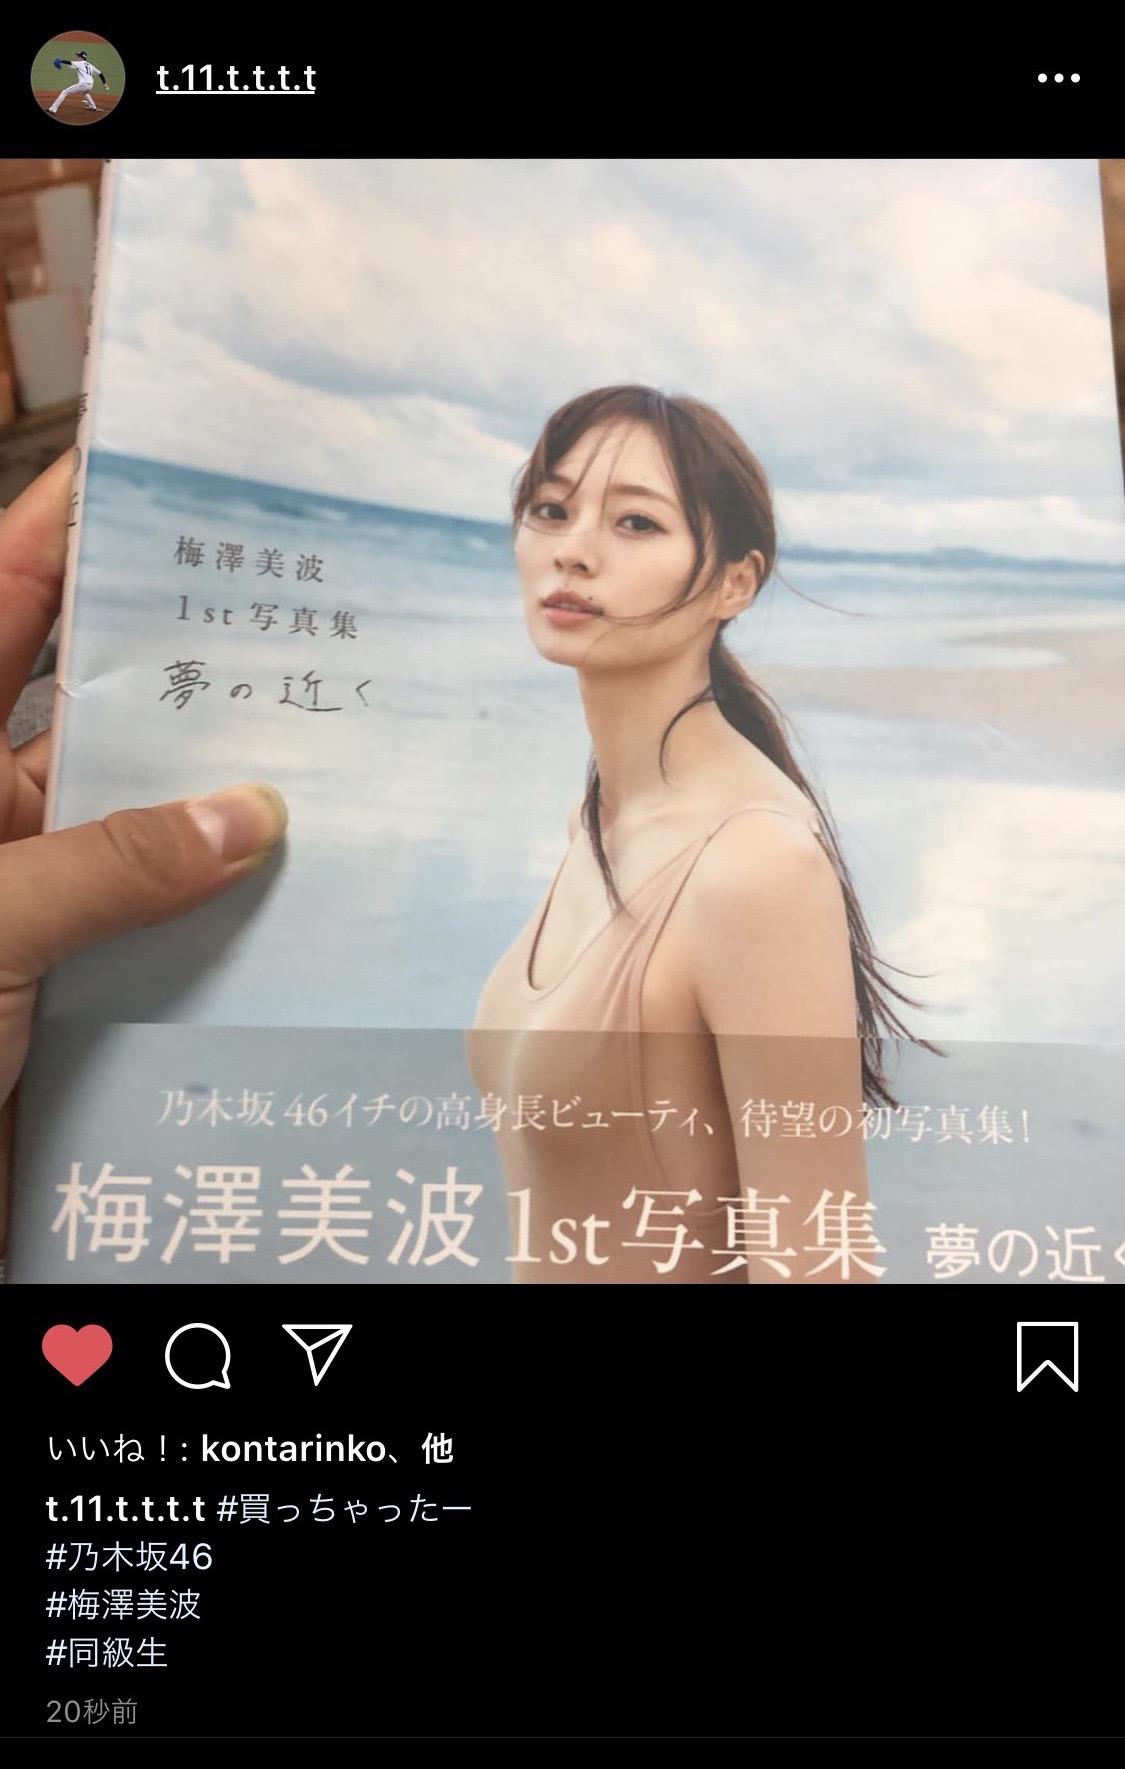 今井達也、乃木坂46梅澤美波1st写真集を「買っちゃったー」